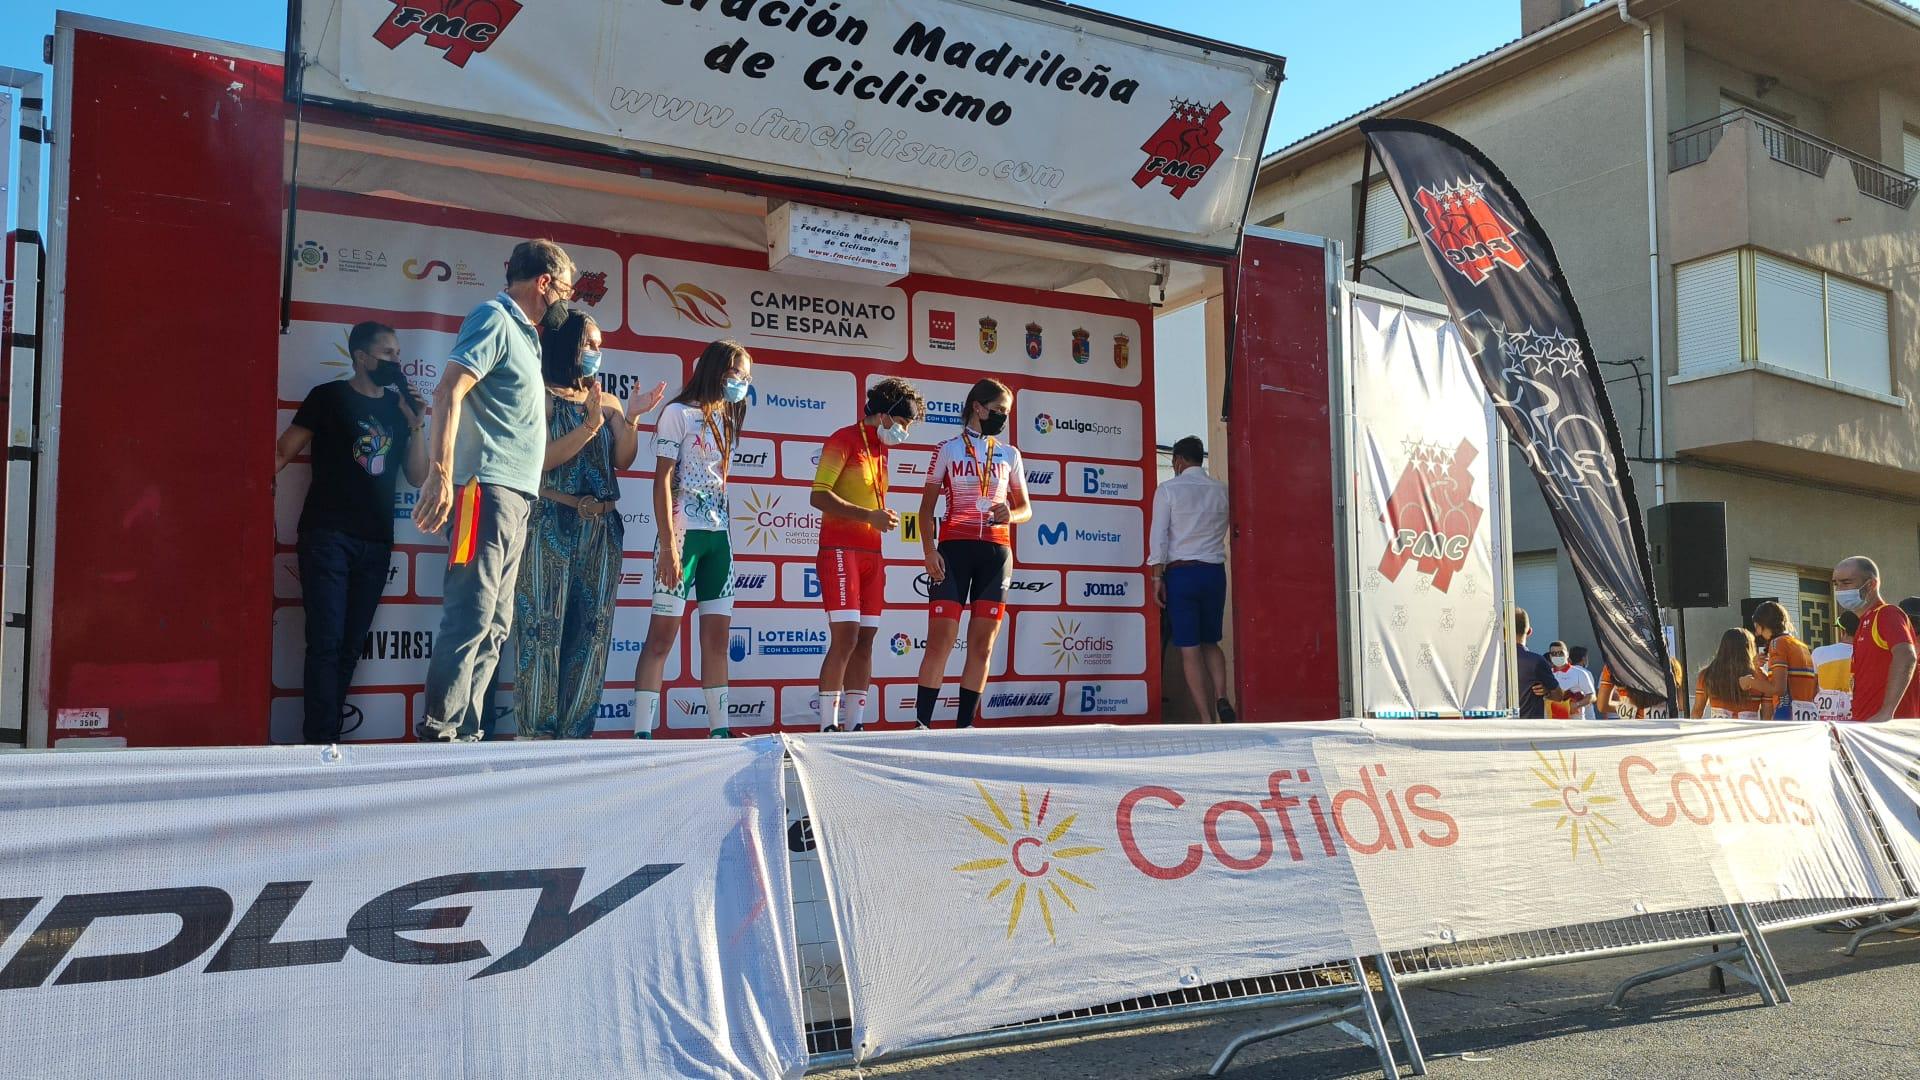 Irene Moreno le da a la delegación madrileña con su bronce la tercera medalla del día